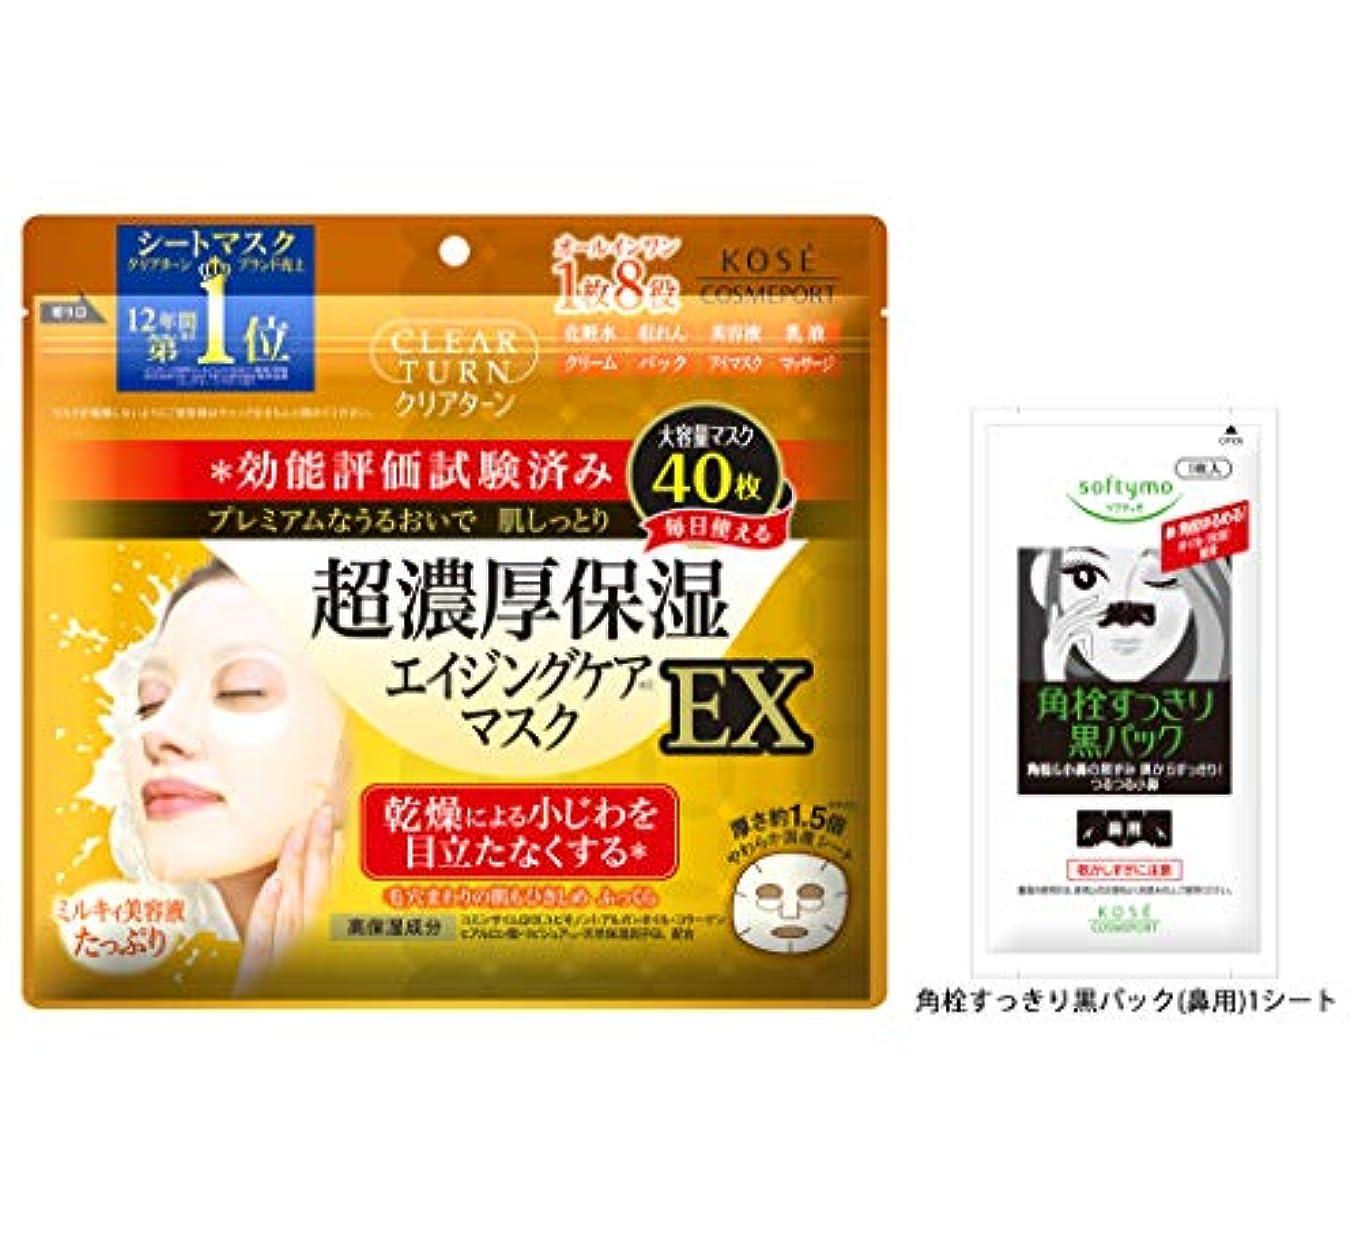 ローズ件名する必要がある【Amazon.co.jp限定】 KOSE コーセー クリアターン 超濃厚保湿 フェイスマスク EX 40枚入 サンプル付 フェイスパック